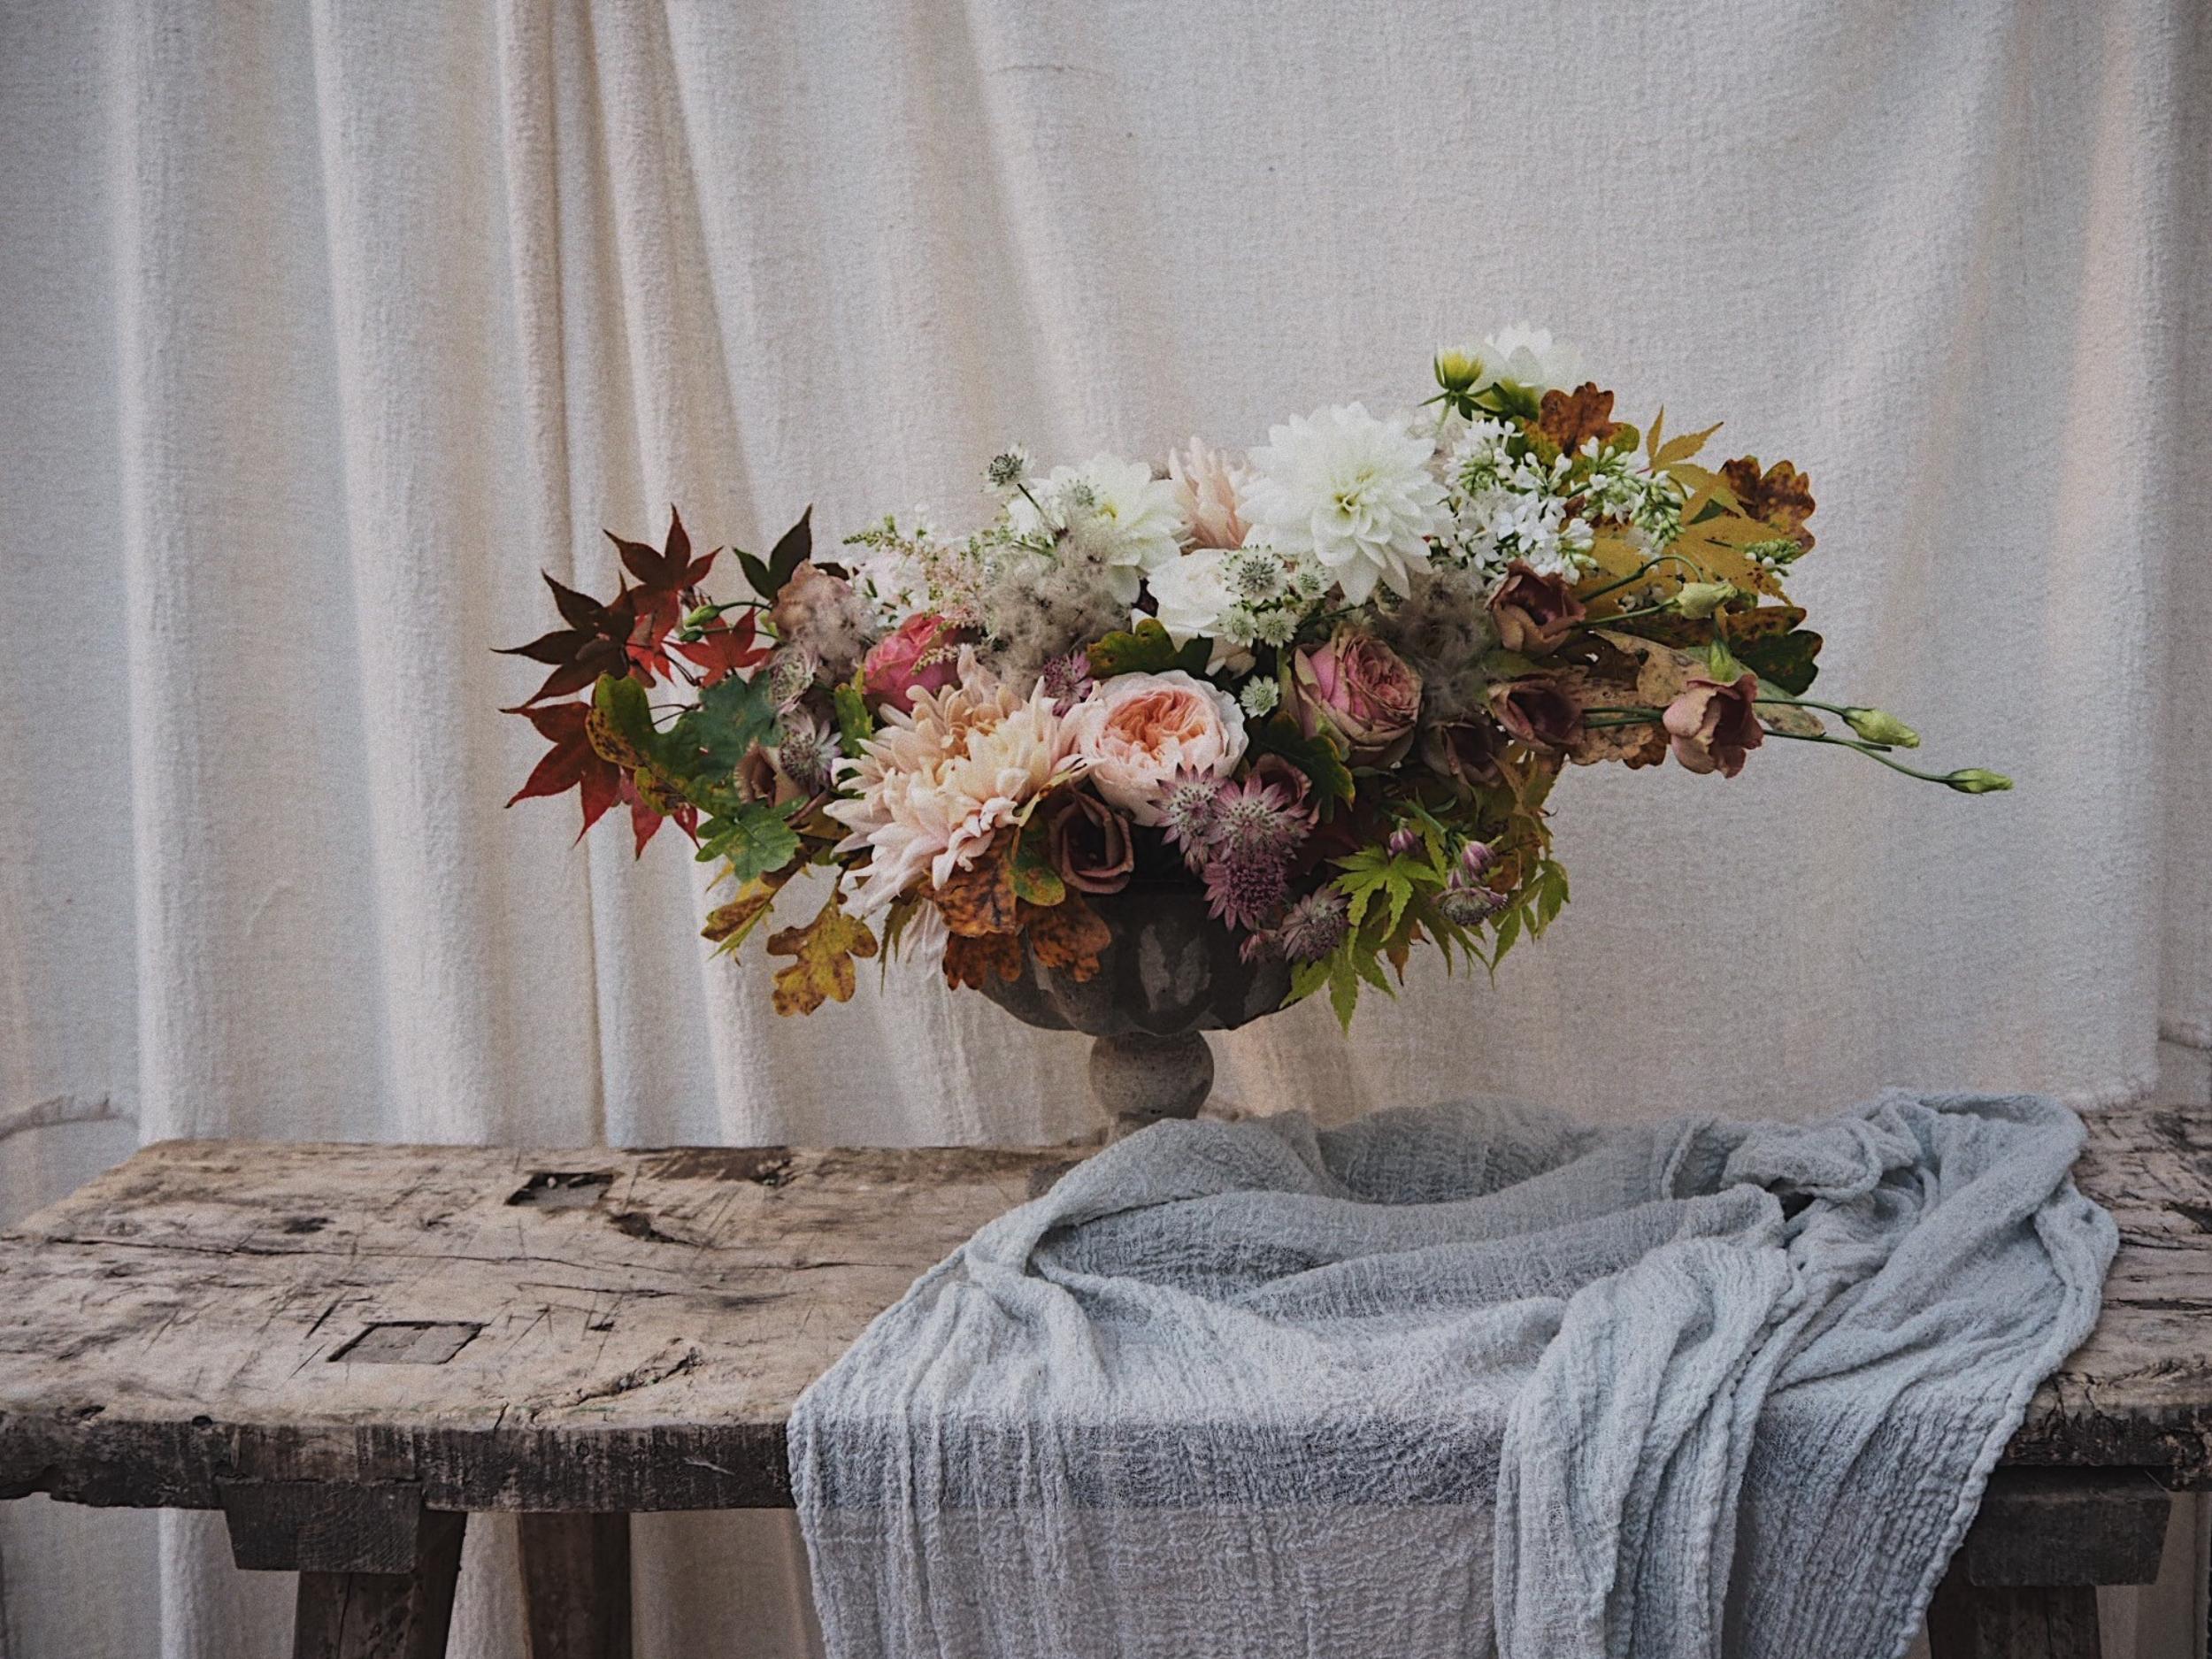 styling-alright-petal-flowers-4.jpg